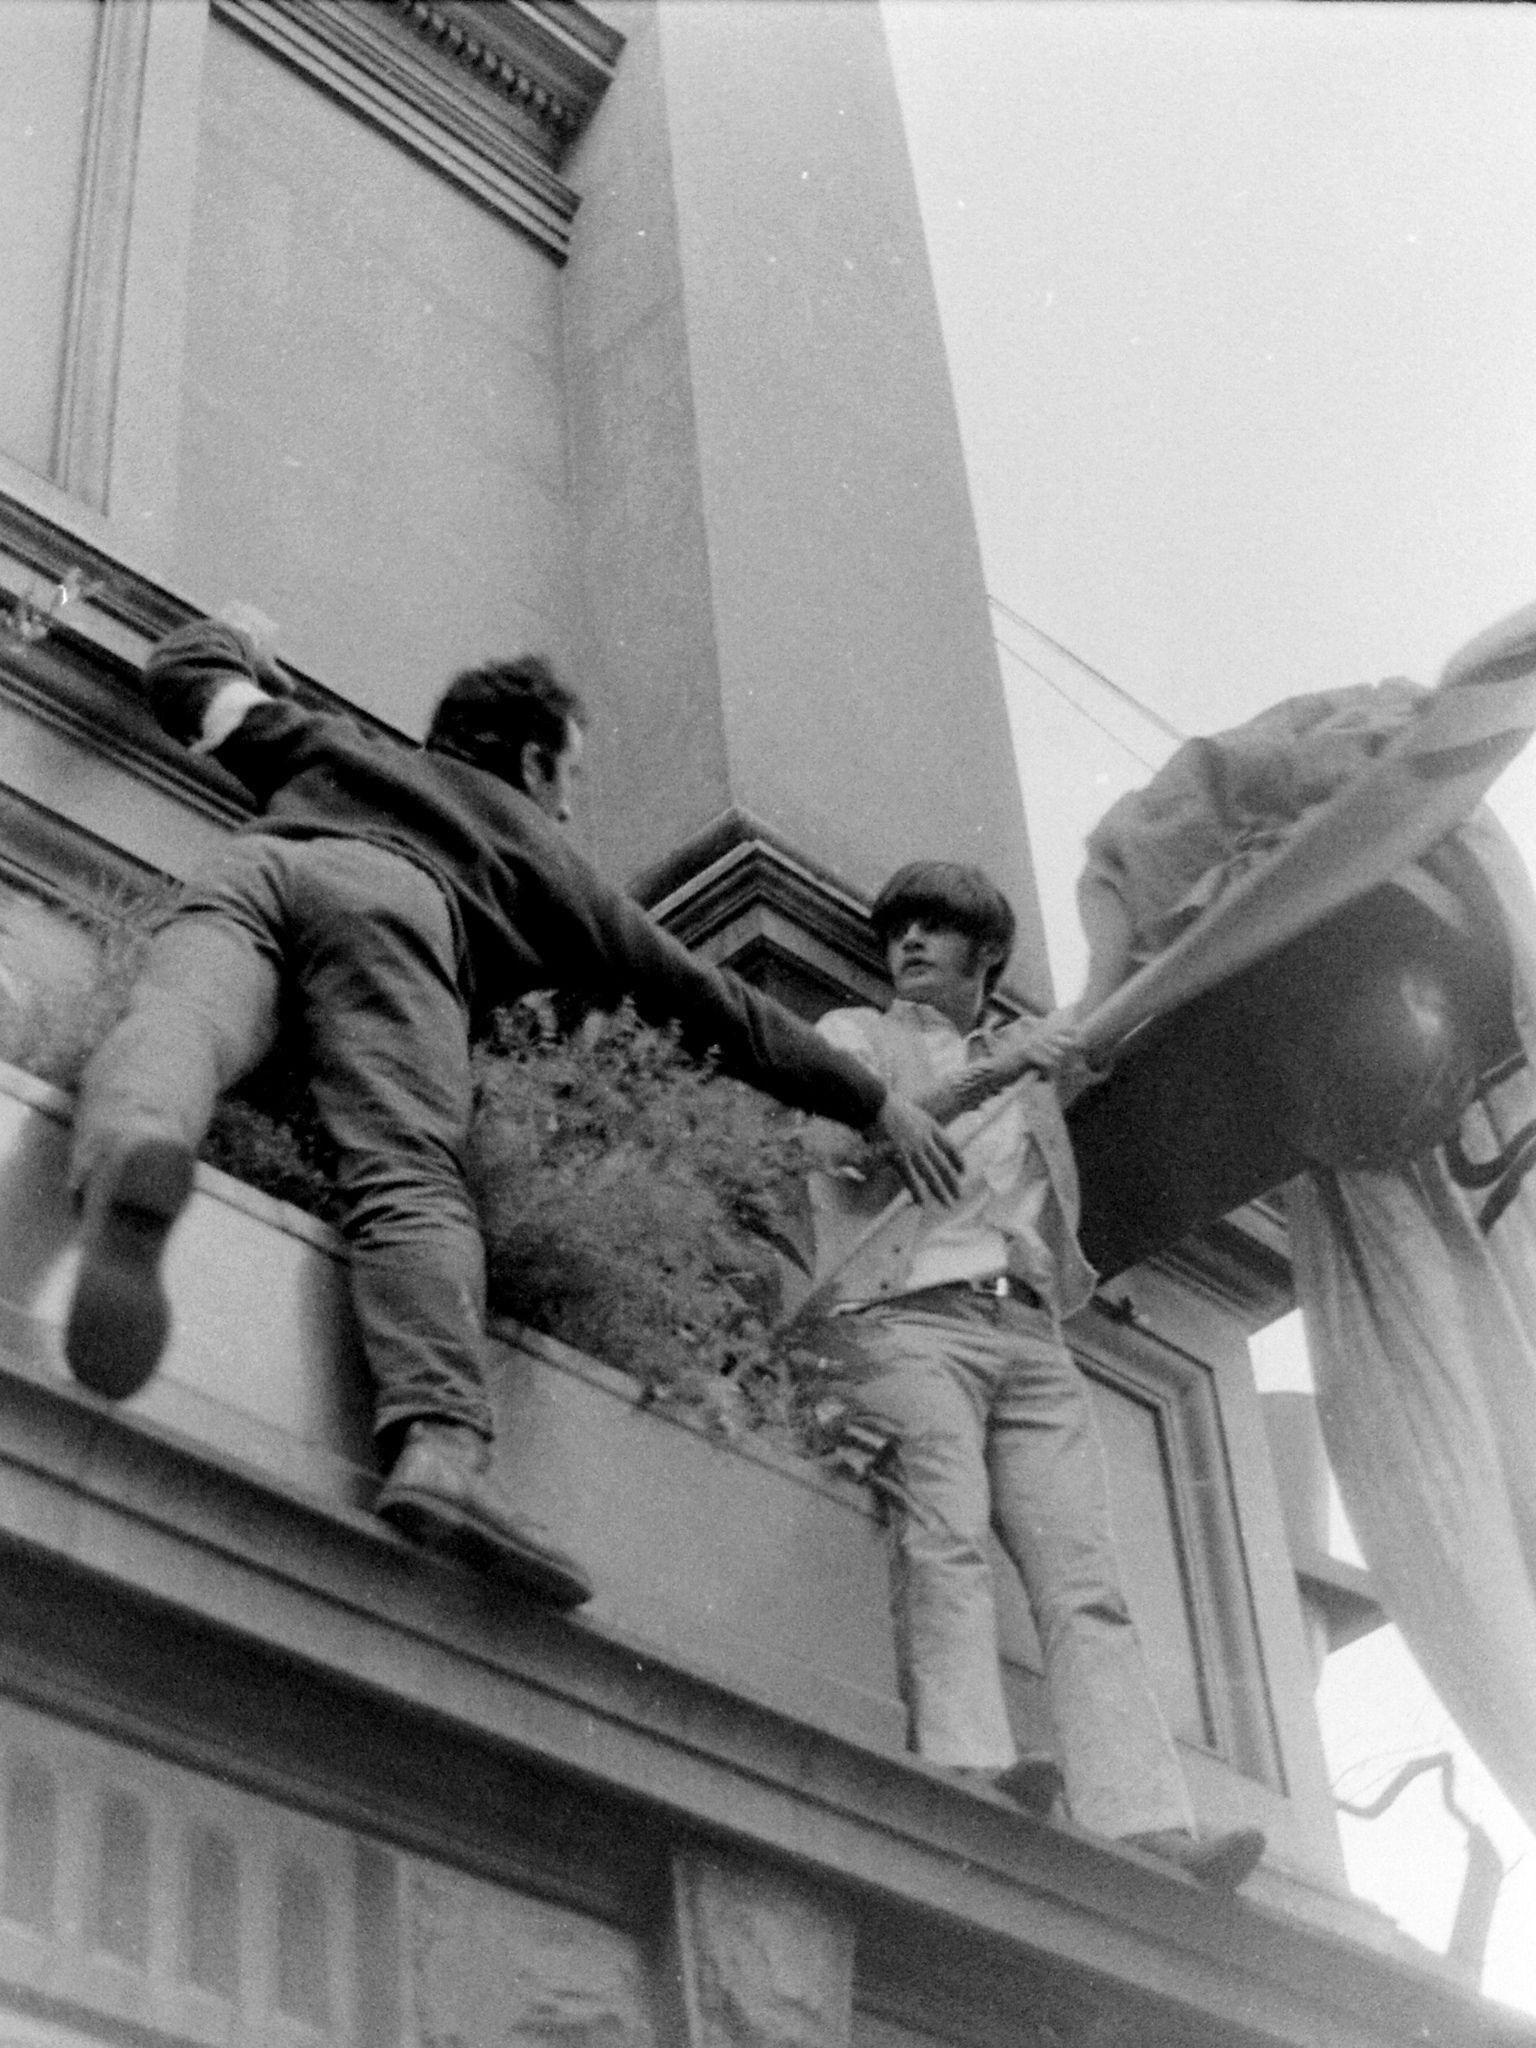 https://flic.kr/p/e2gotr | Melbourne Moratorium May 1970 078 | Battle for the flag, part of student life Melbourne University Architecture School